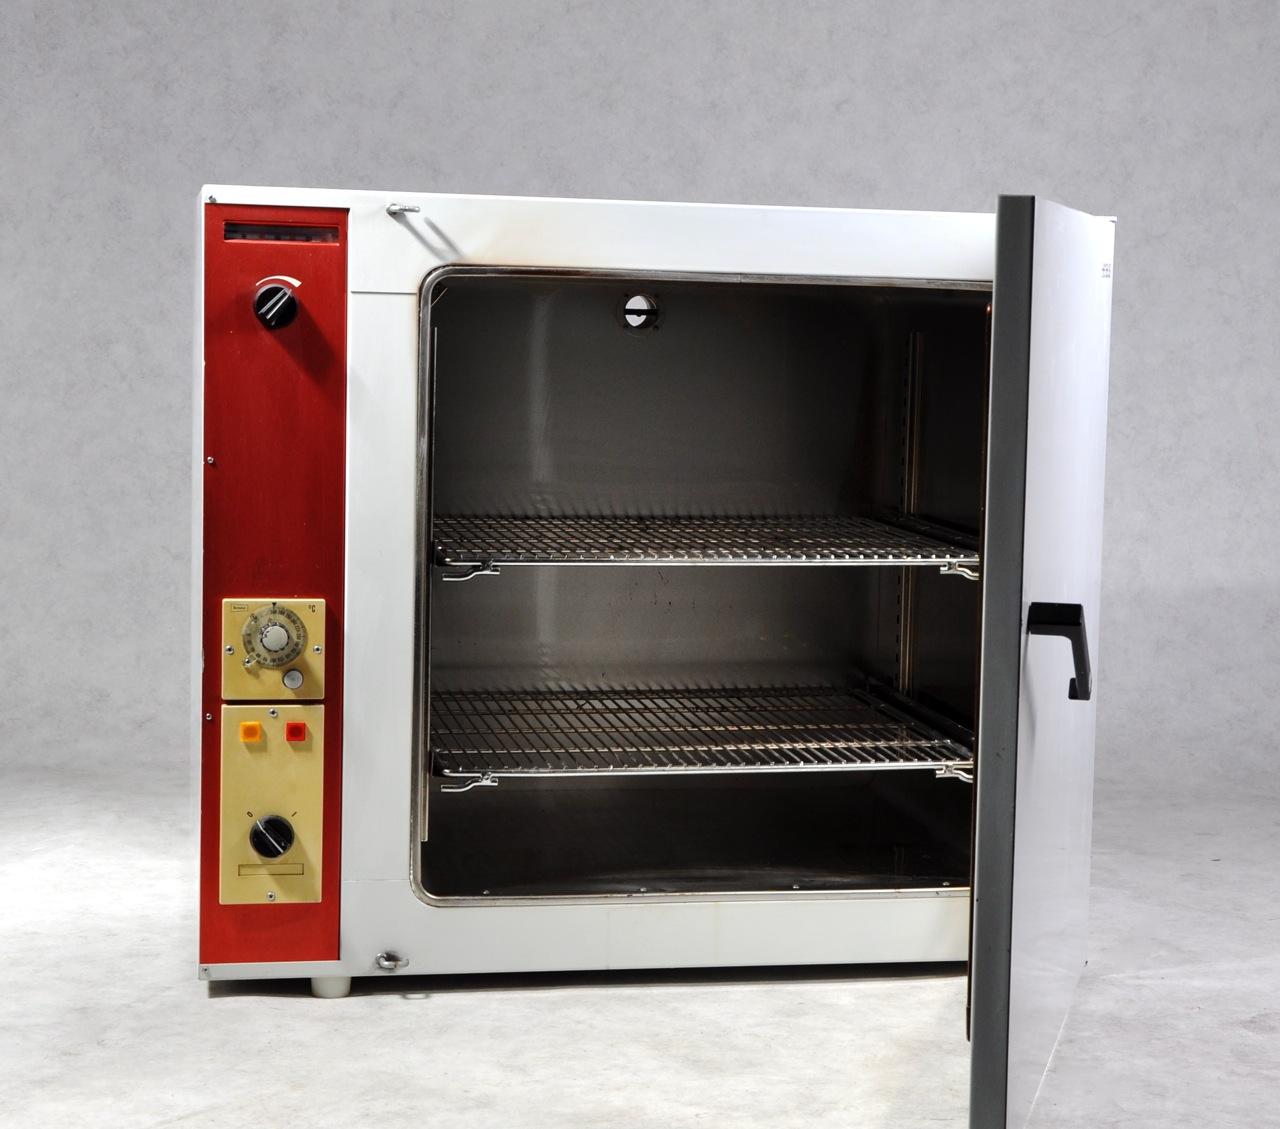 Heraeus T6060 oven - Gemini BV